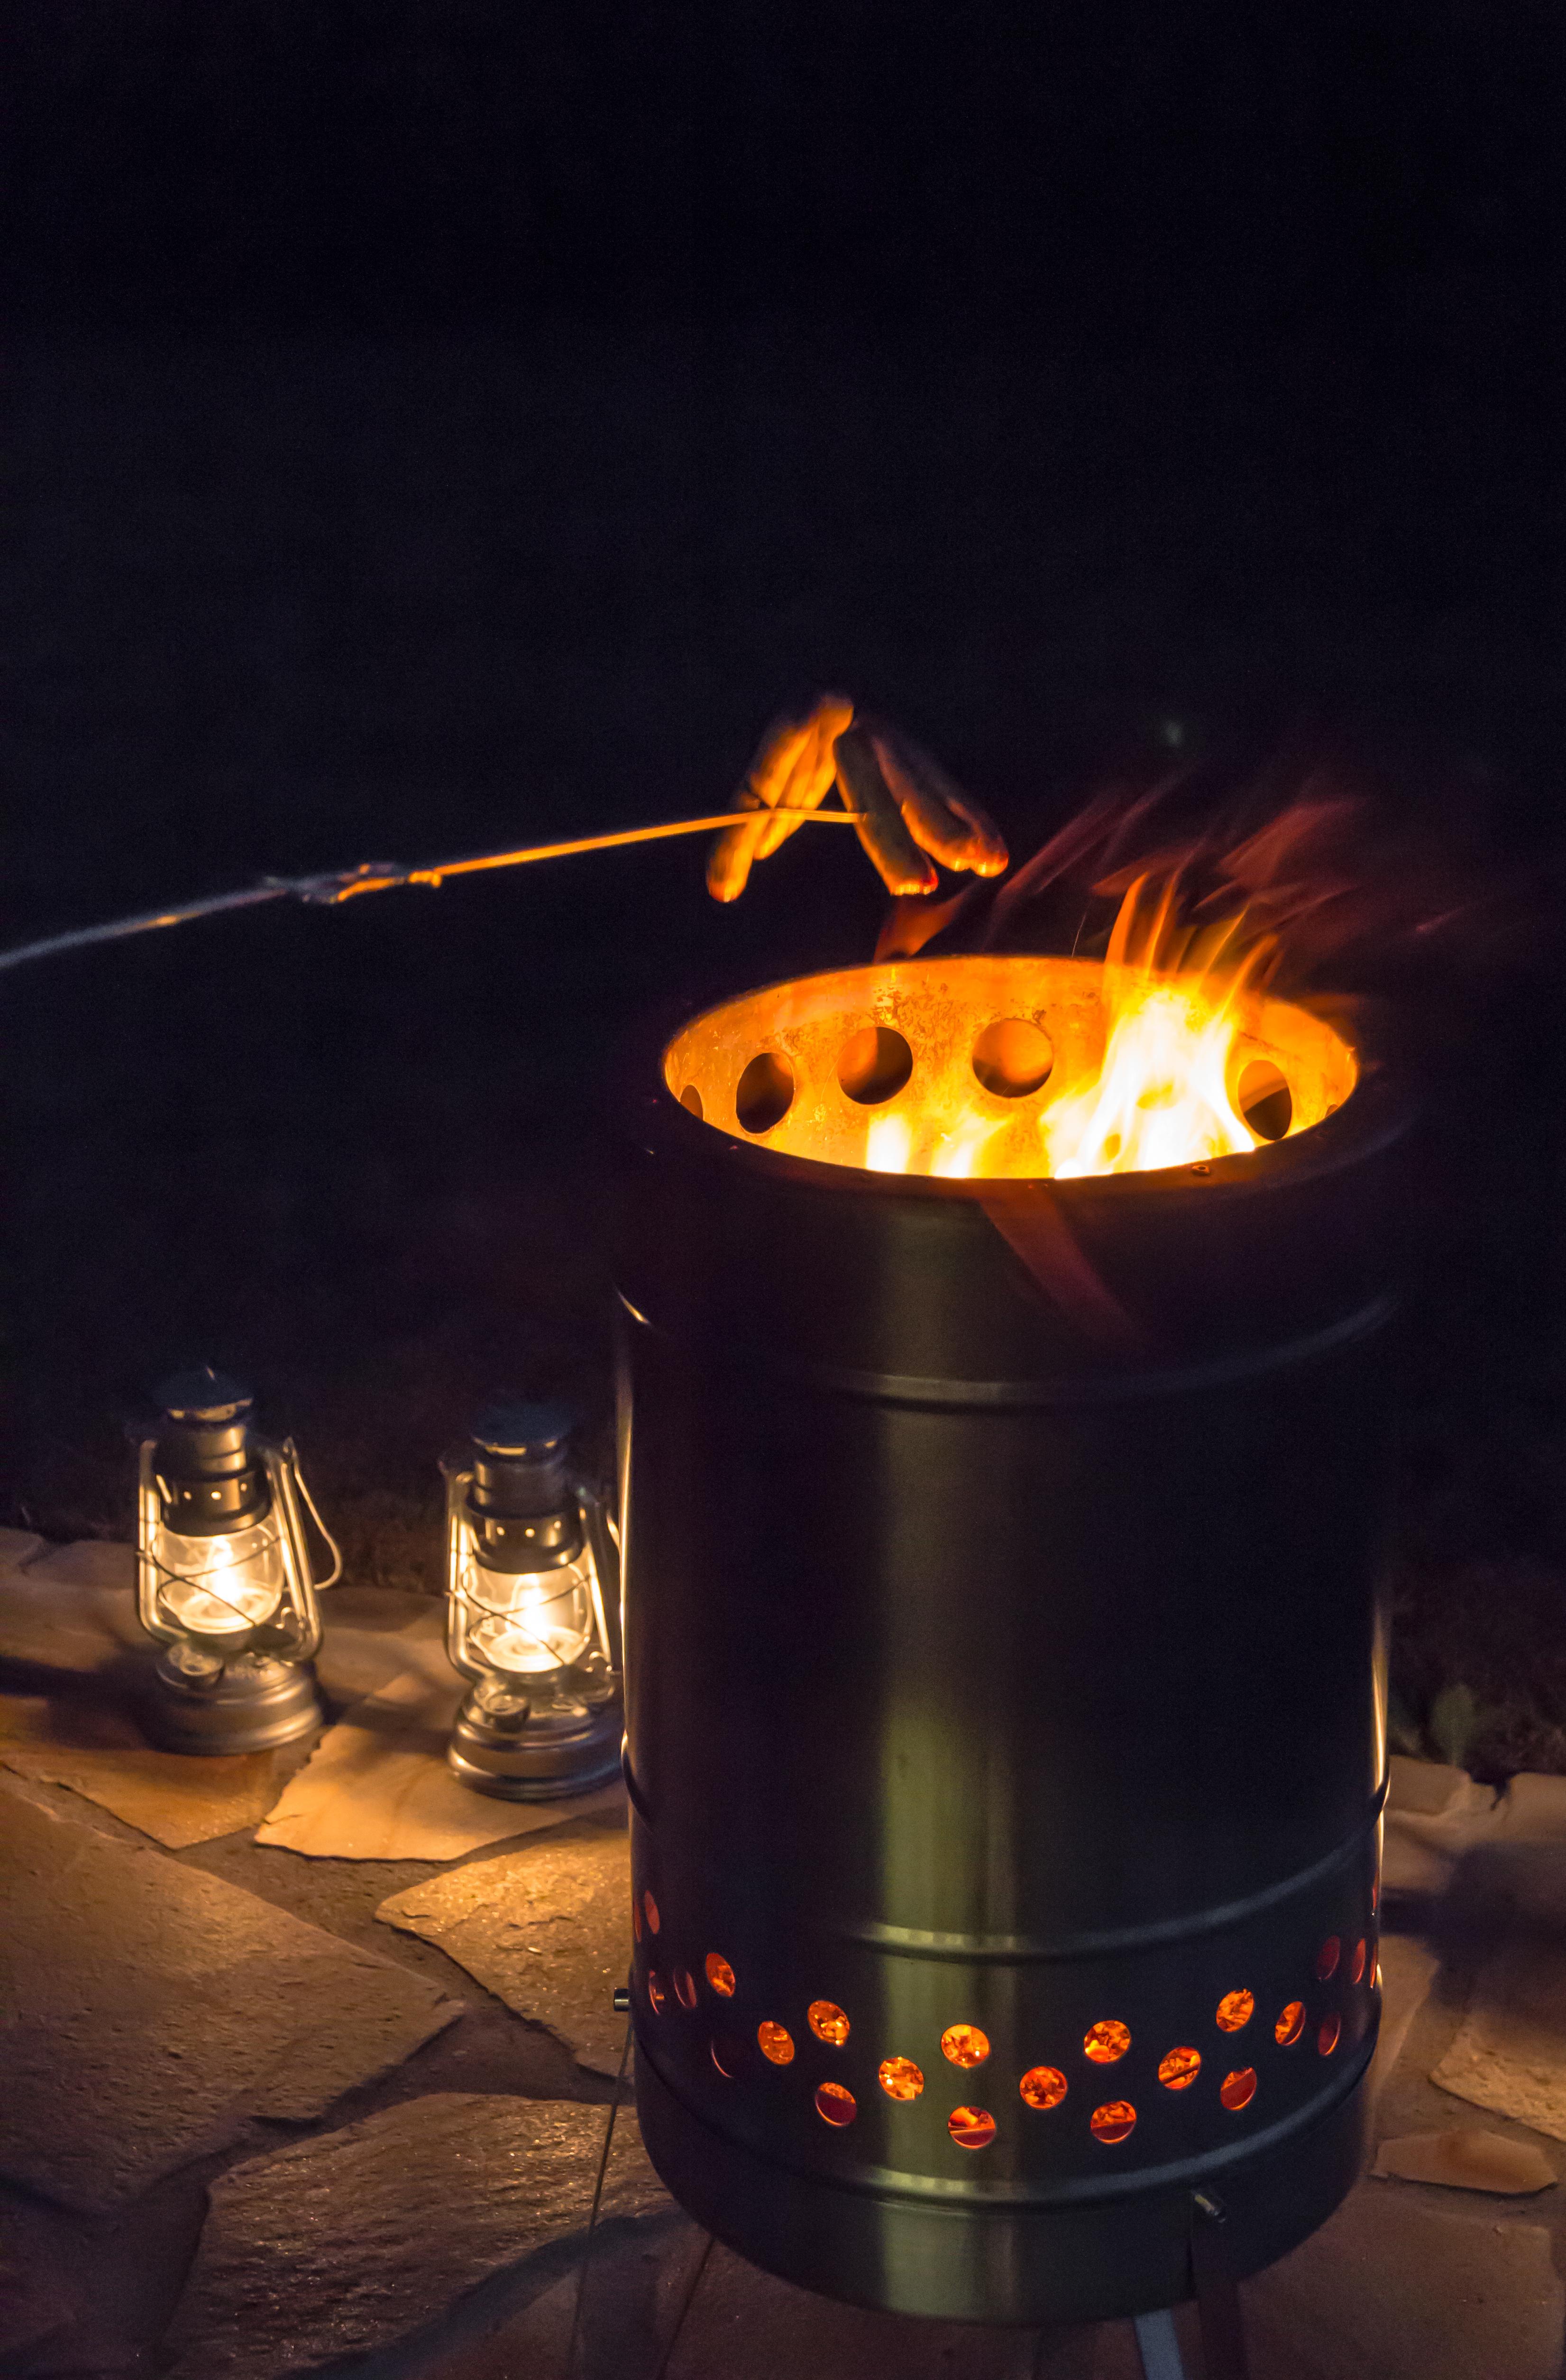 Pyron Feuerhand